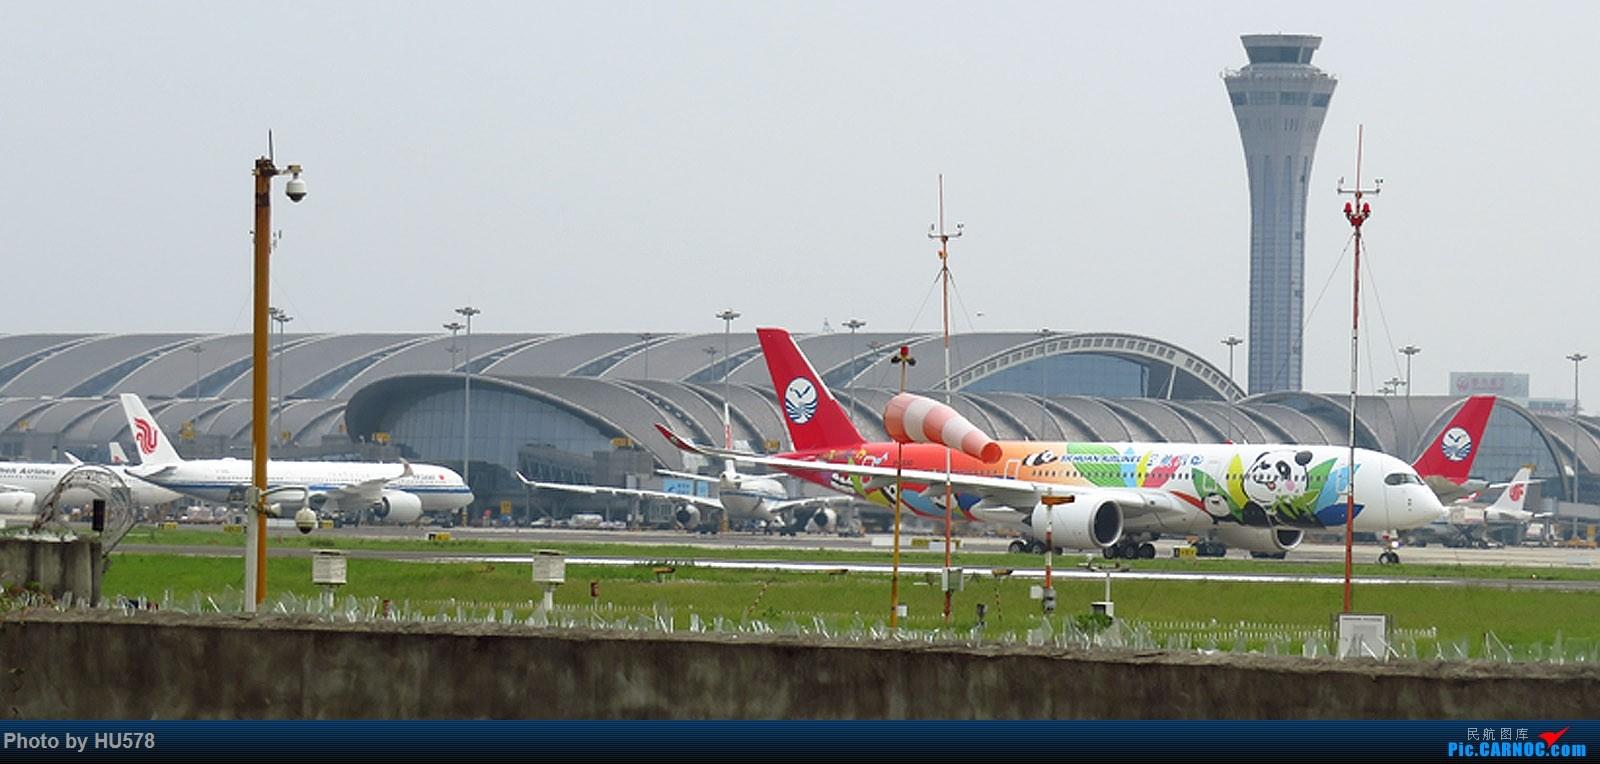 [原创]罕见,中国内地目前仅有的两架350同框,标题党,卡片机图渣渗入 AIRBUS A350-900 B-301D 中国成都双流国际机场